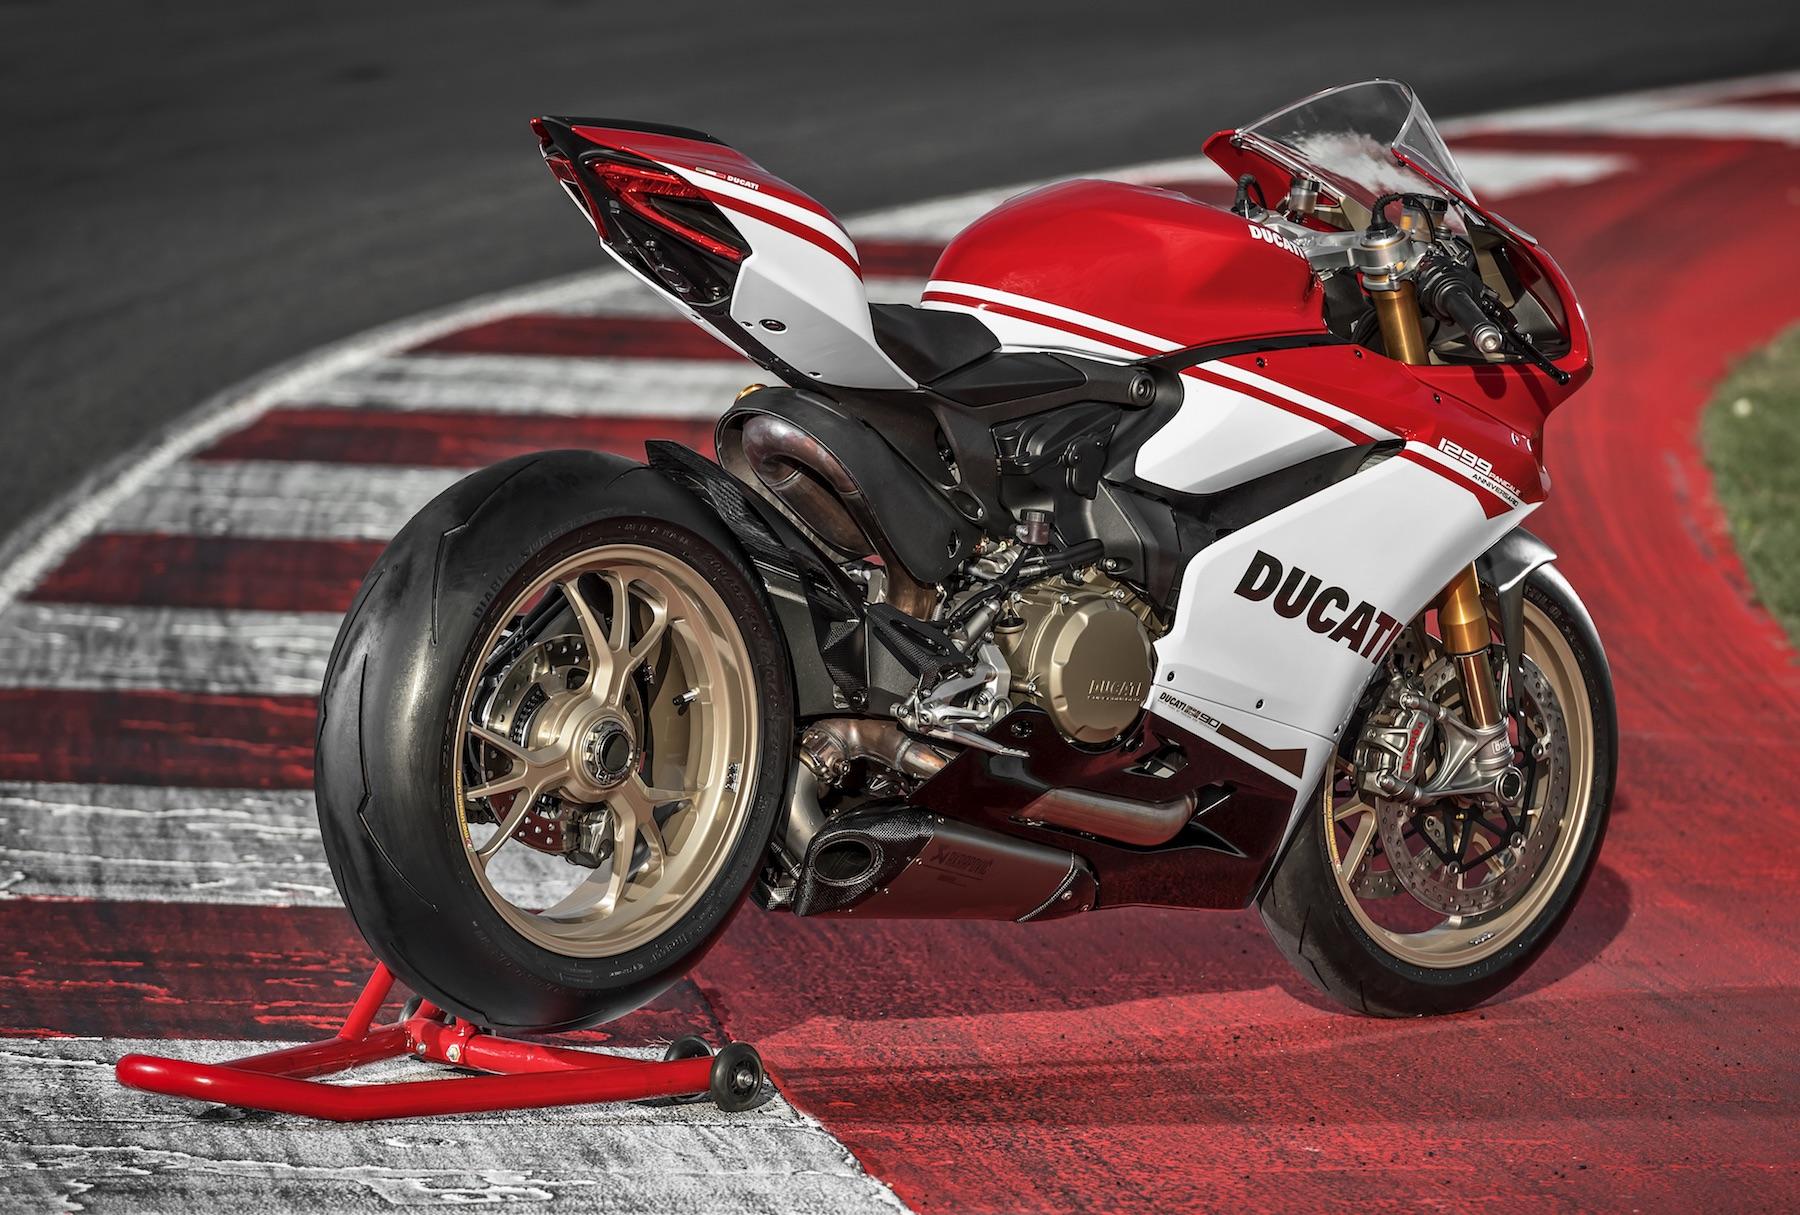 La nueva SBK de Ducati es 4 cilindros en V, dice Claudio Domenicali